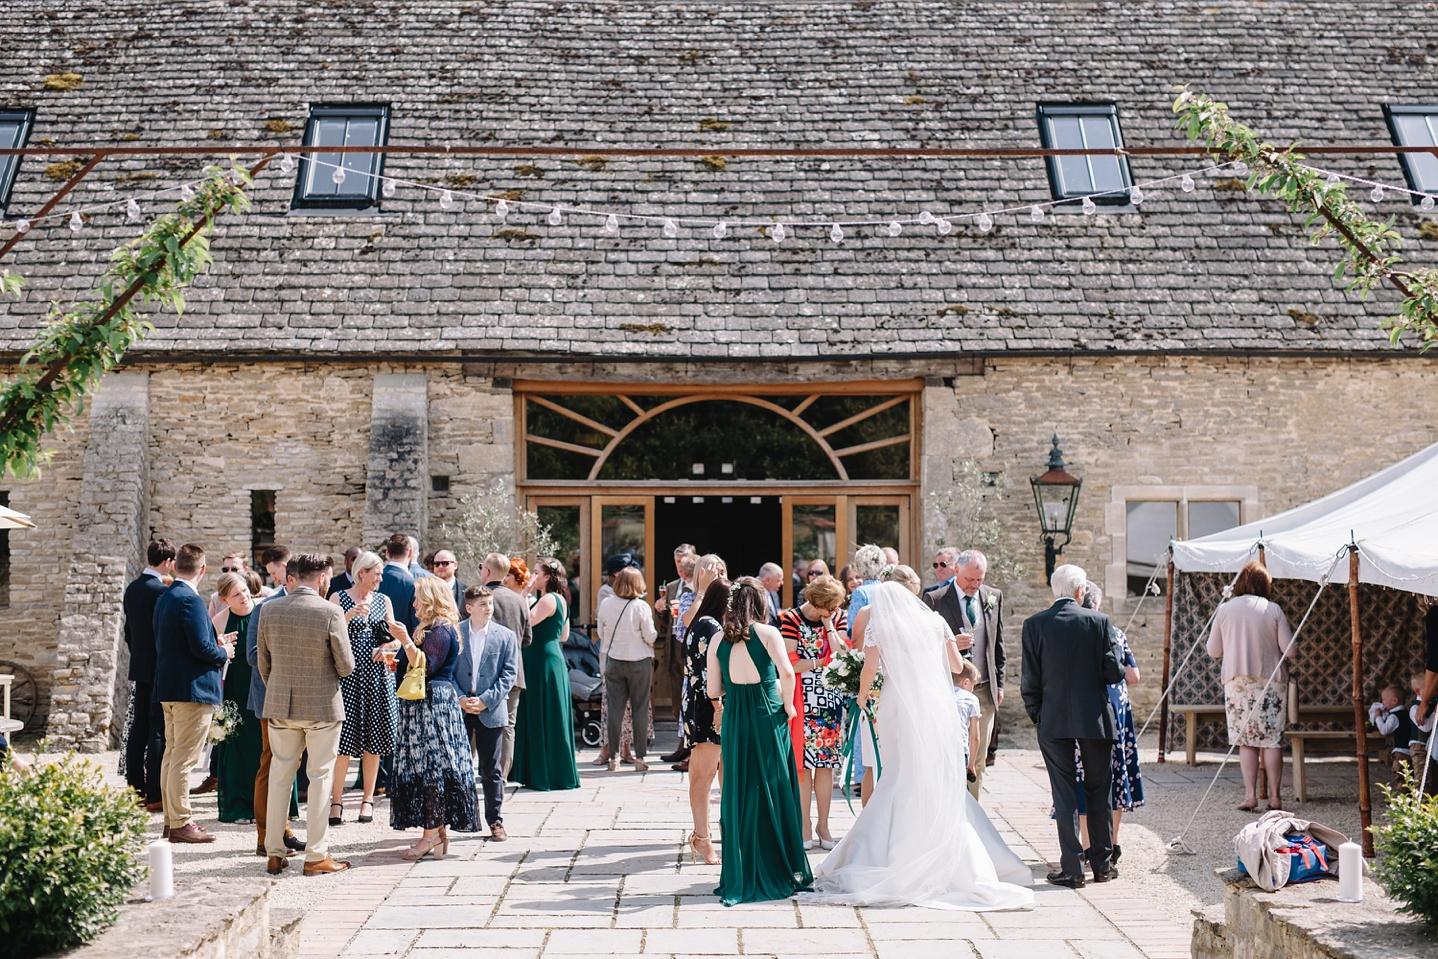 Oxleaze-Barn-Wedding-Photographer_0079.jpg